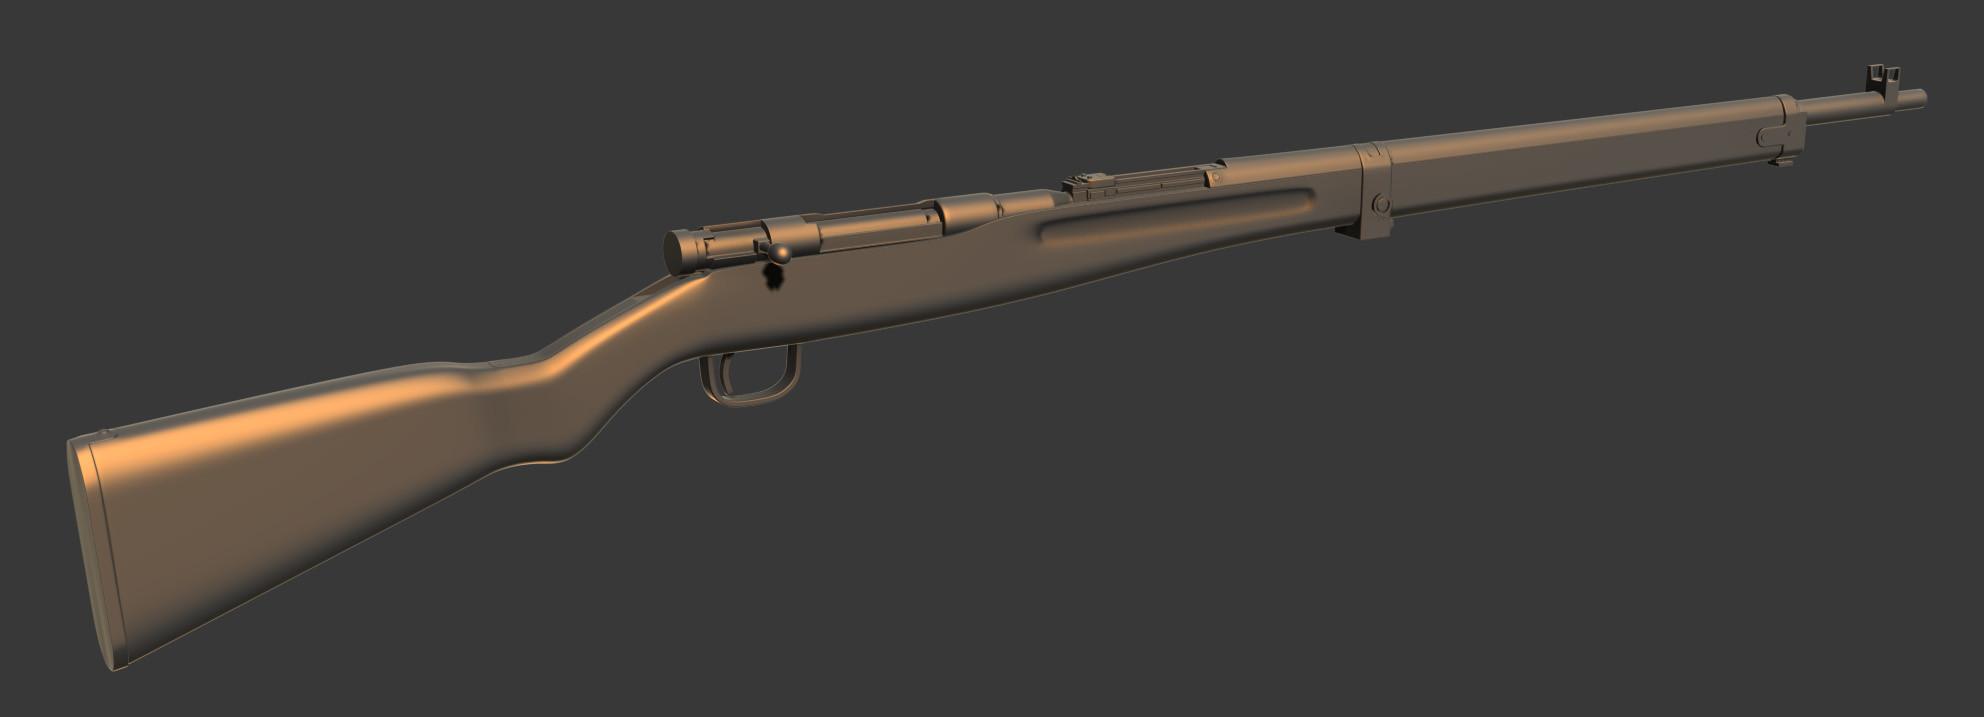 rifle_01.jpg.49fac5ec1a18a3a6630691b95e46395a.jpg